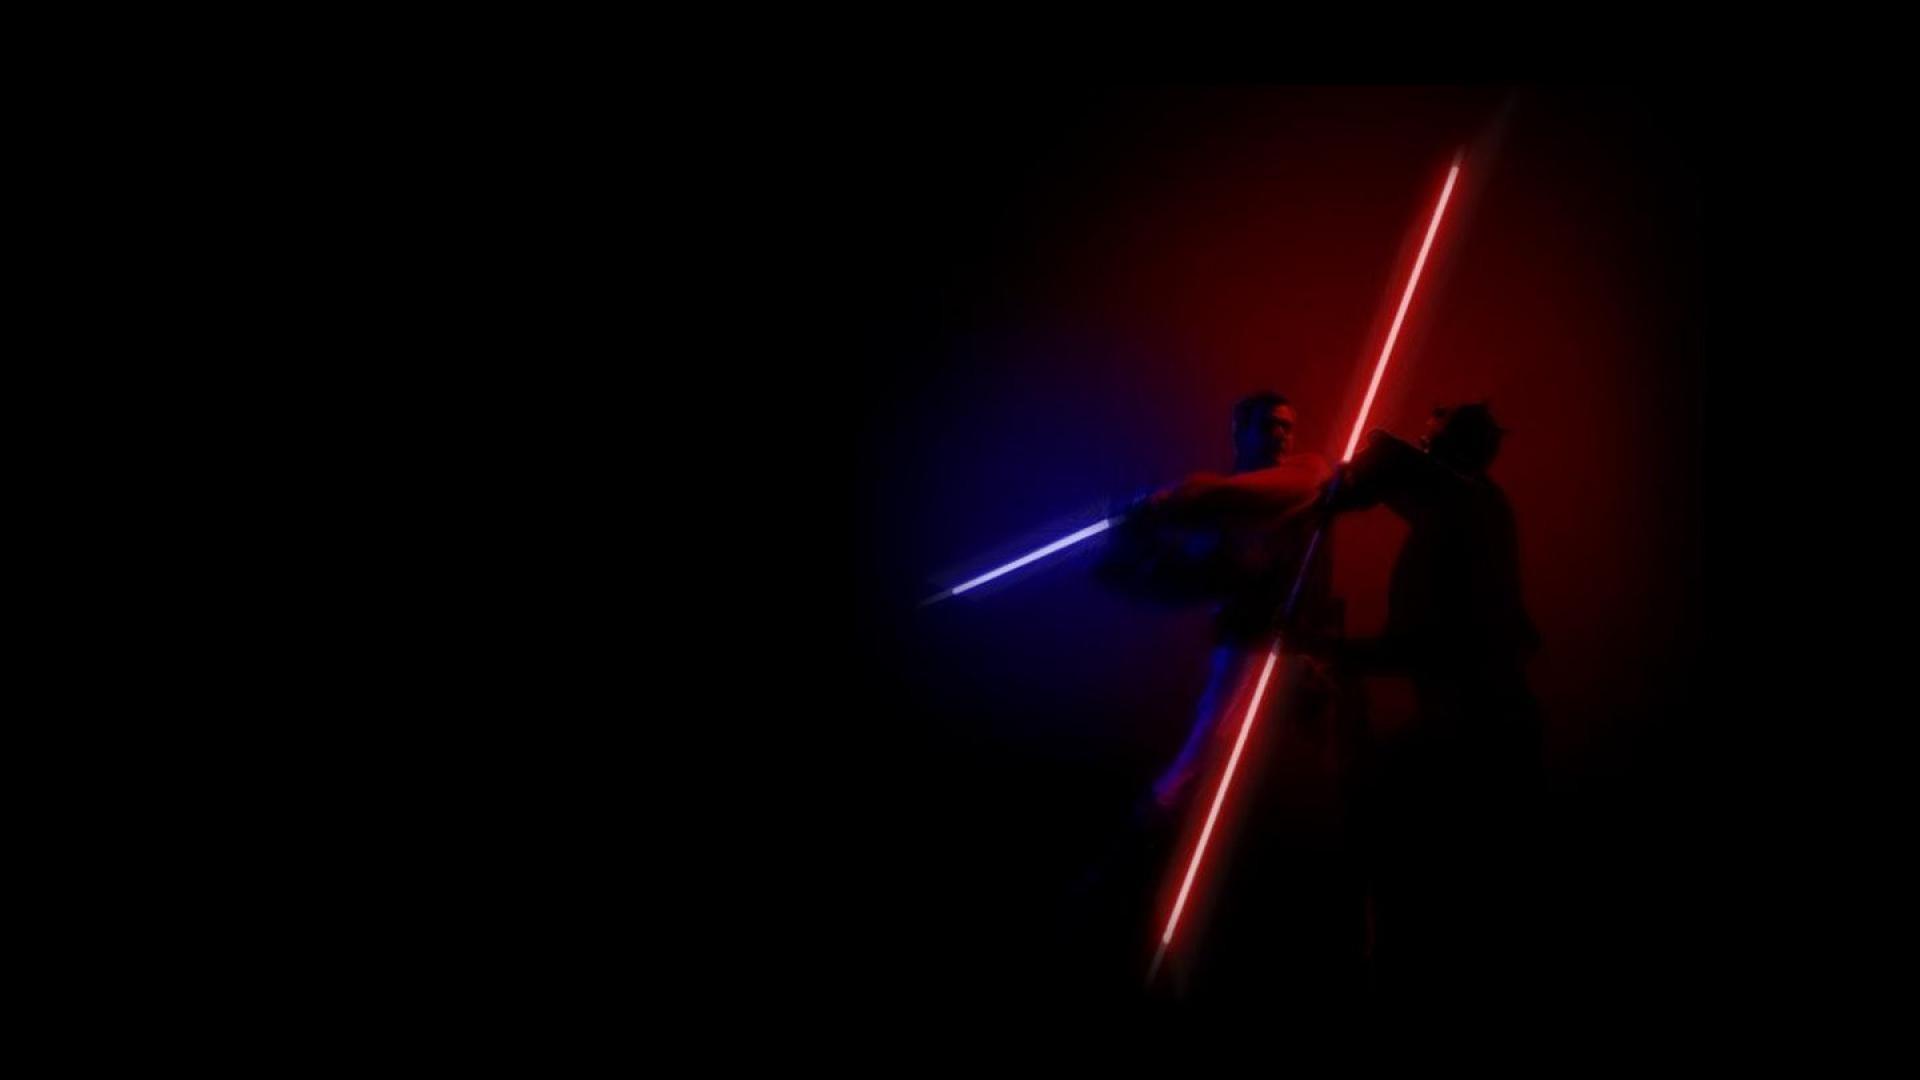 Star Wars Lightsaber Duel Wallpaper